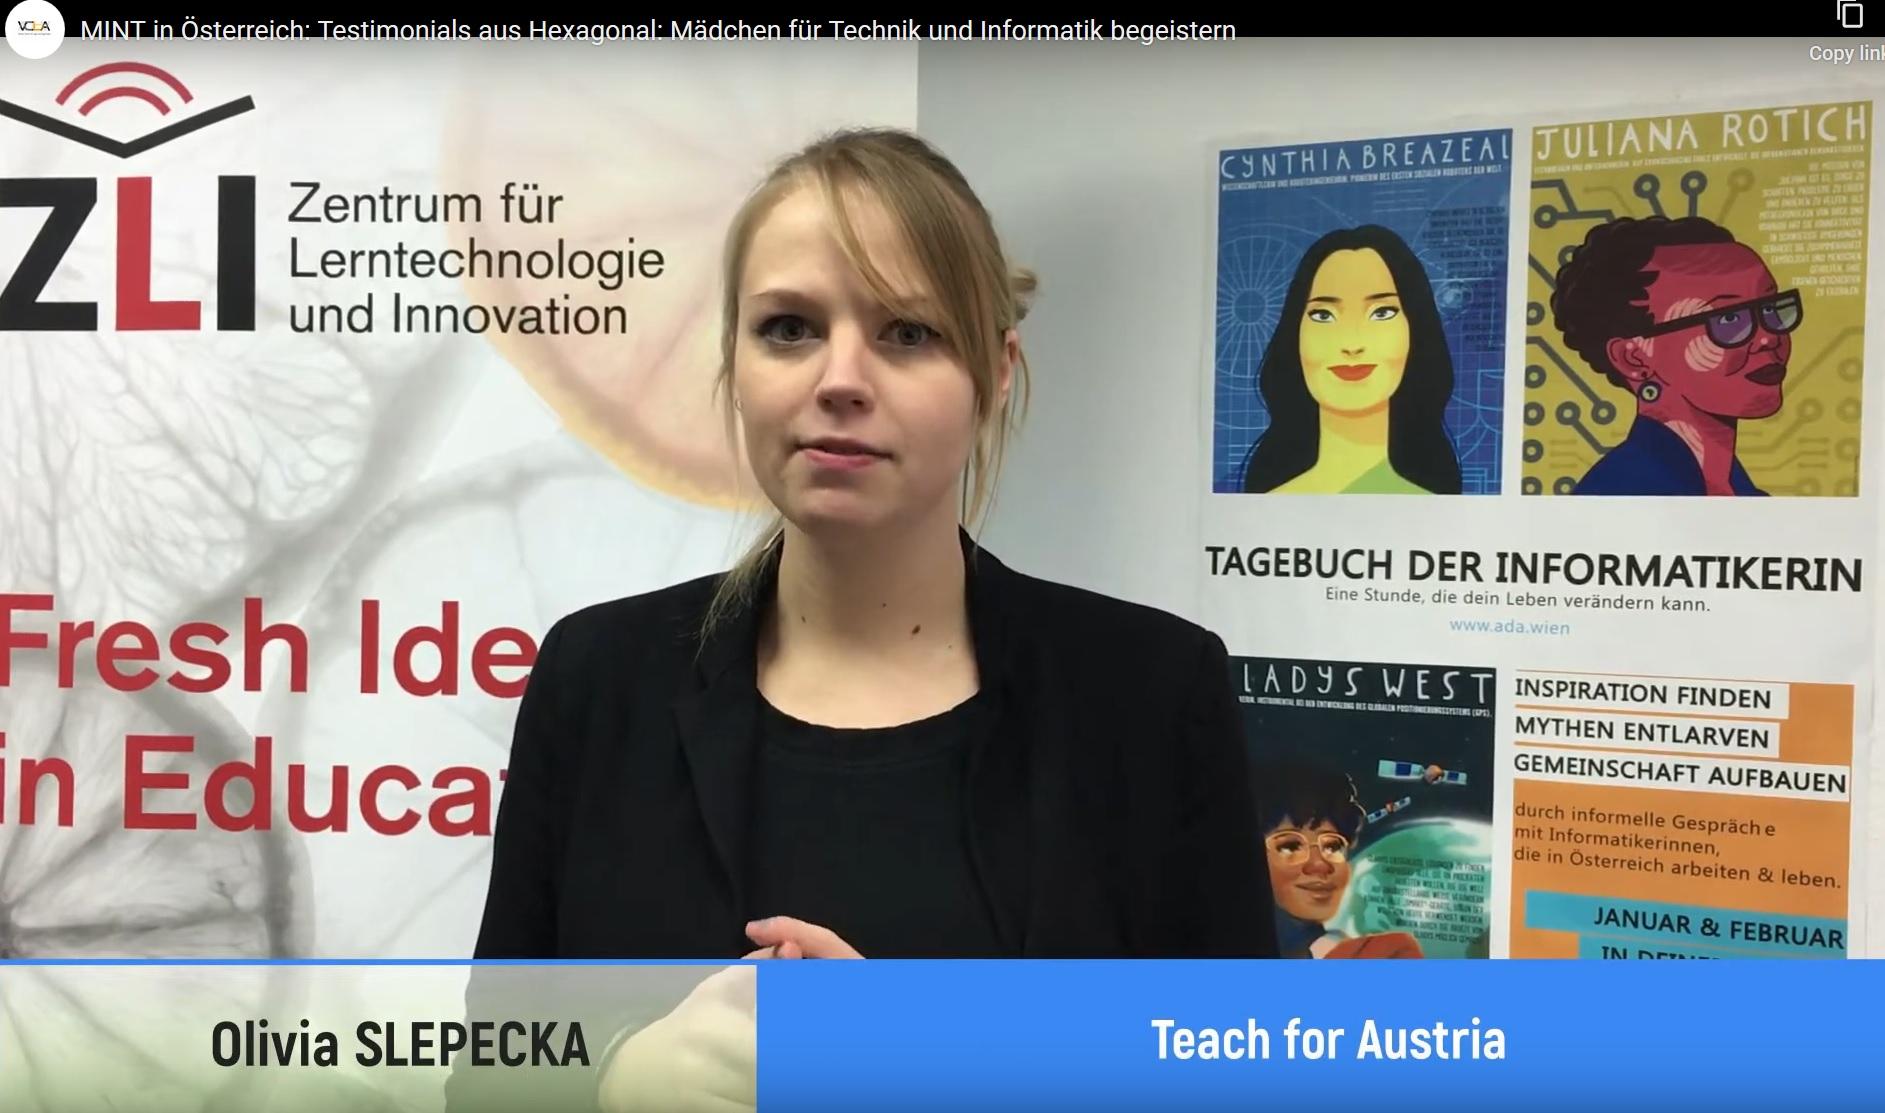 MINT in Österreich: Testimonials